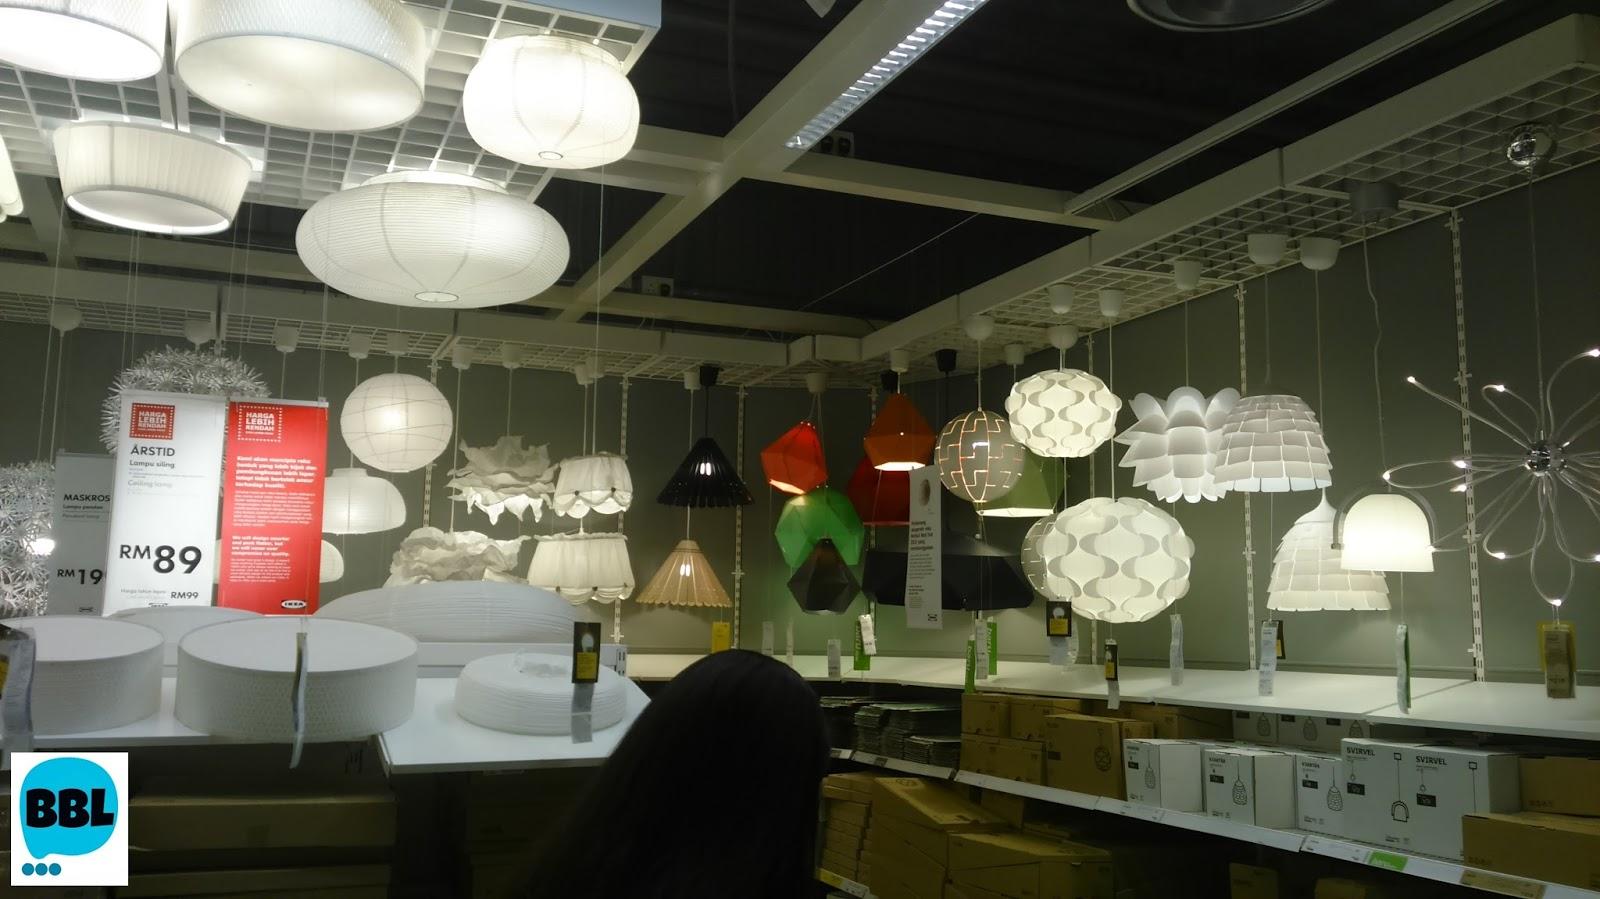 Harga Lampu Ruang Tamu Malaysia Desainrumahid